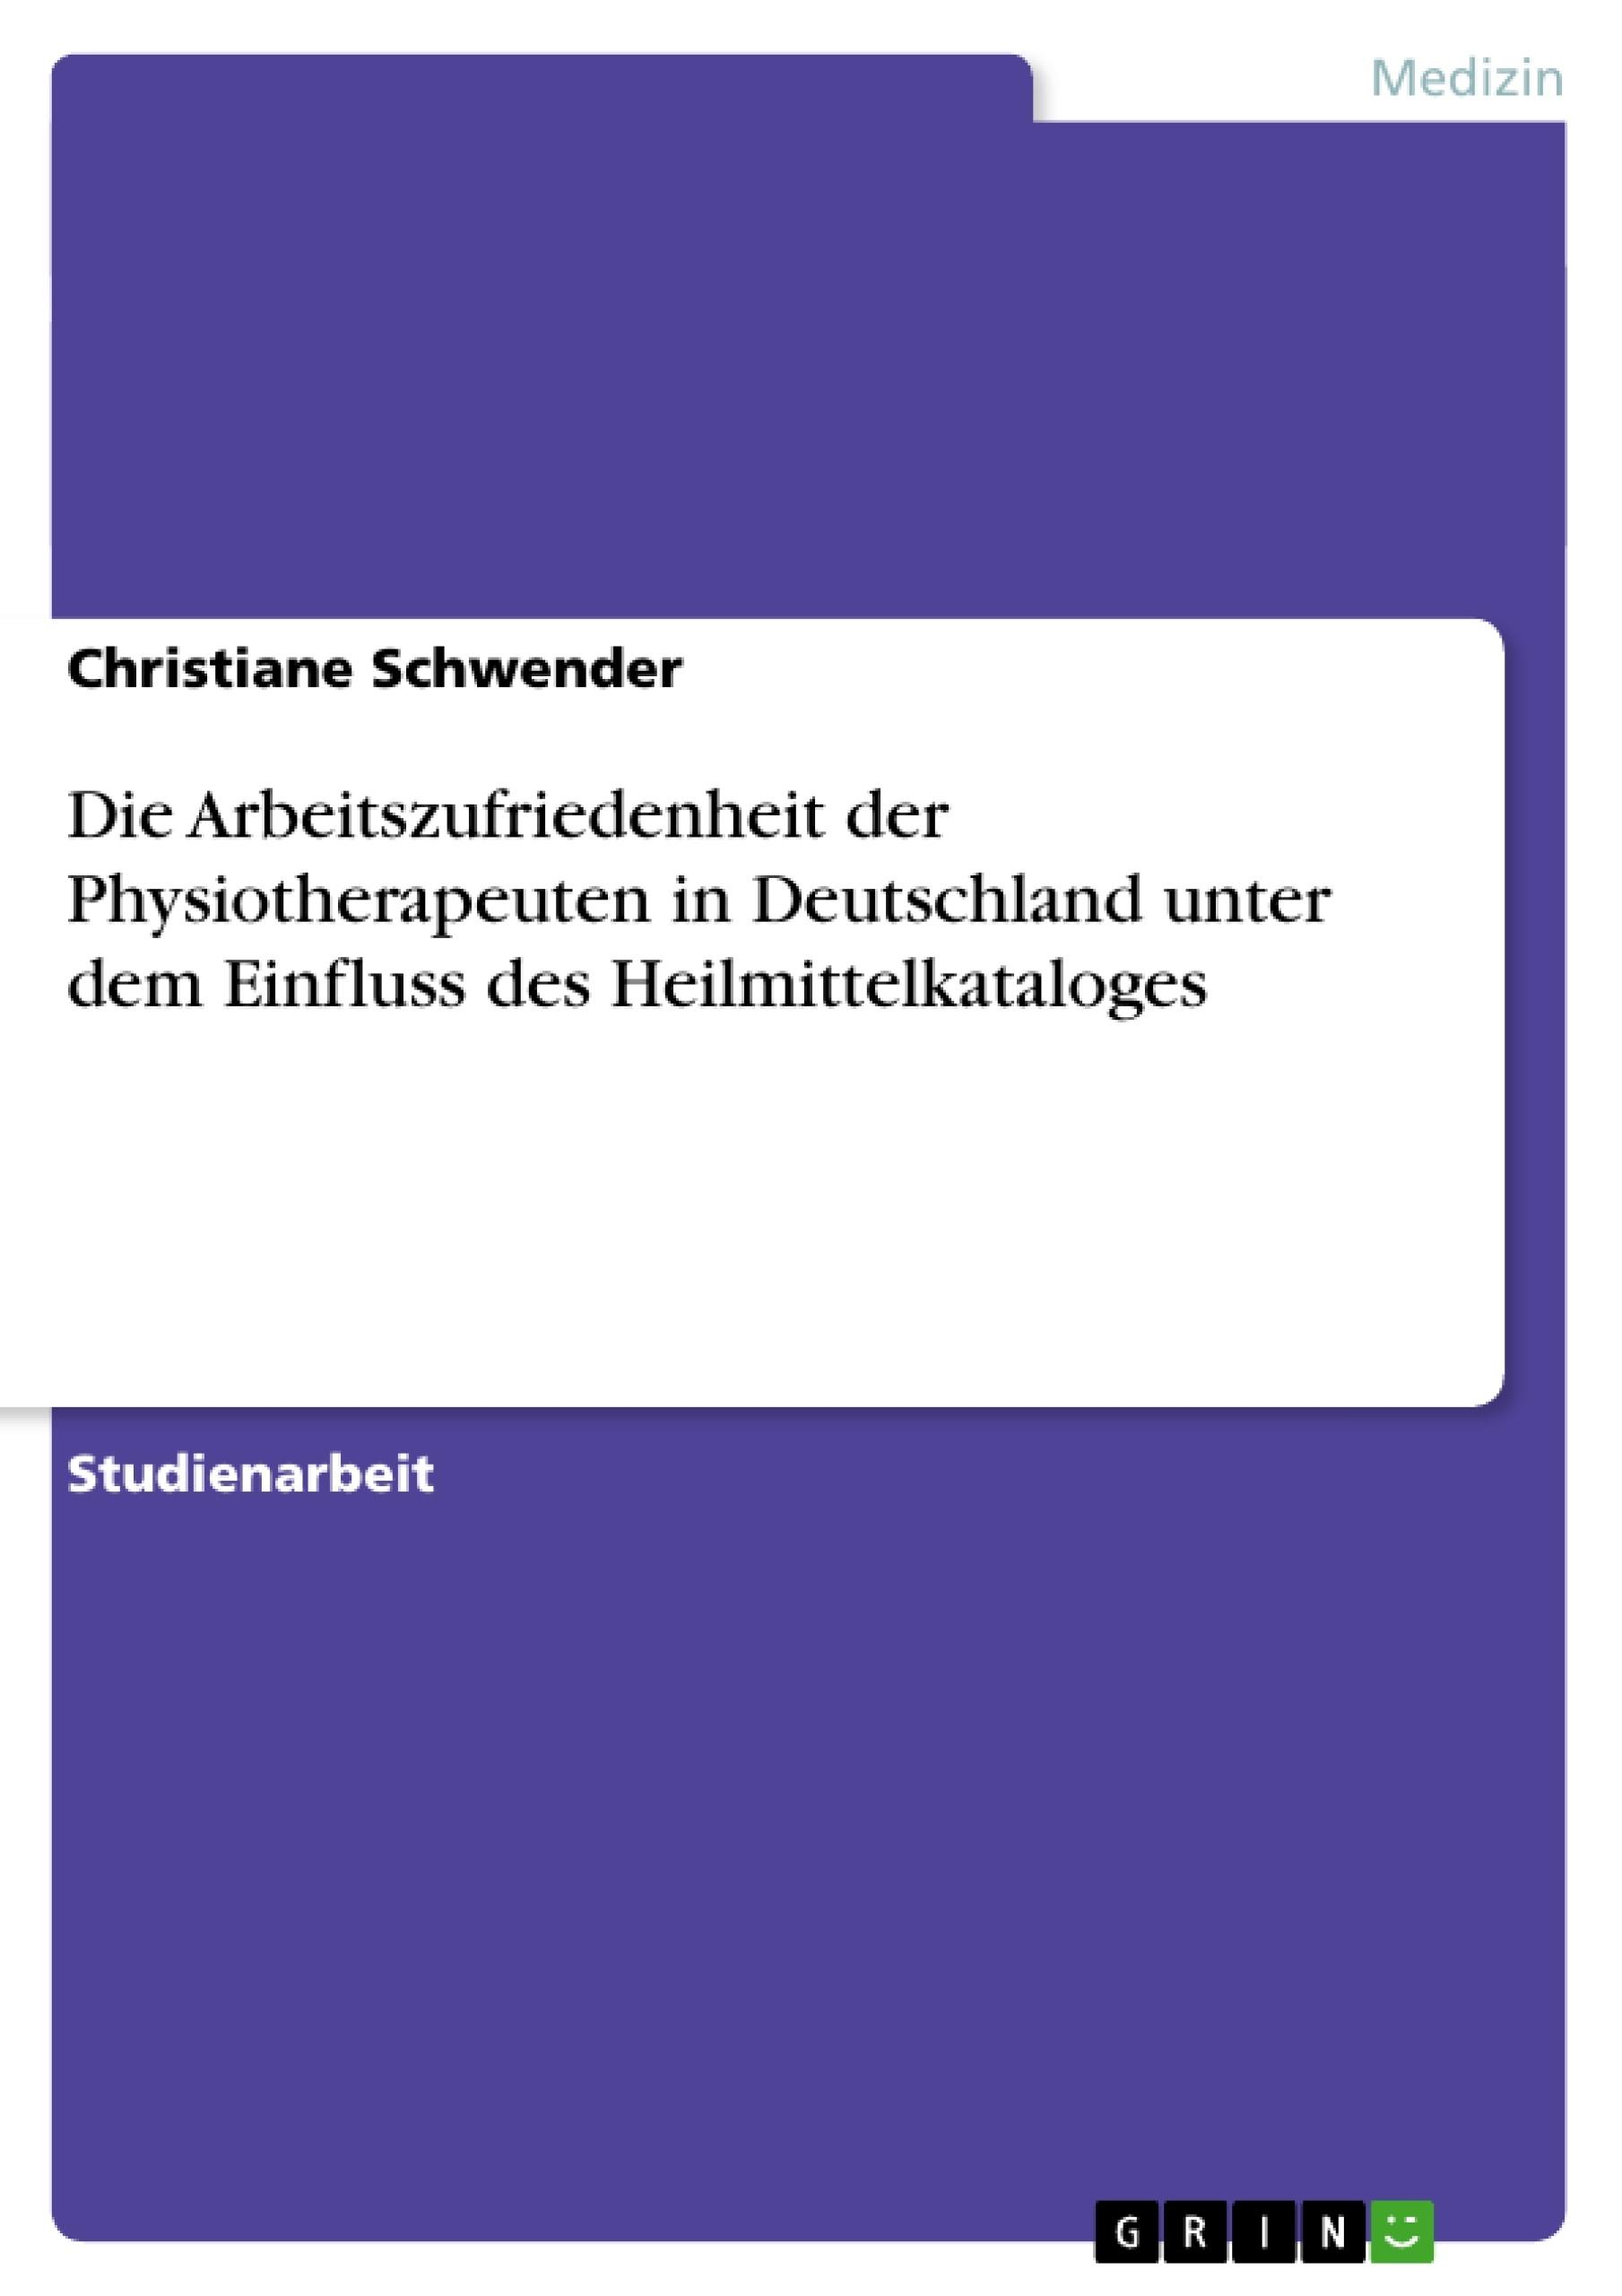 Titel: Die Arbeitszufriedenheit der Physiotherapeuten in Deutschland unter dem Einfluss des Heilmittelkataloges